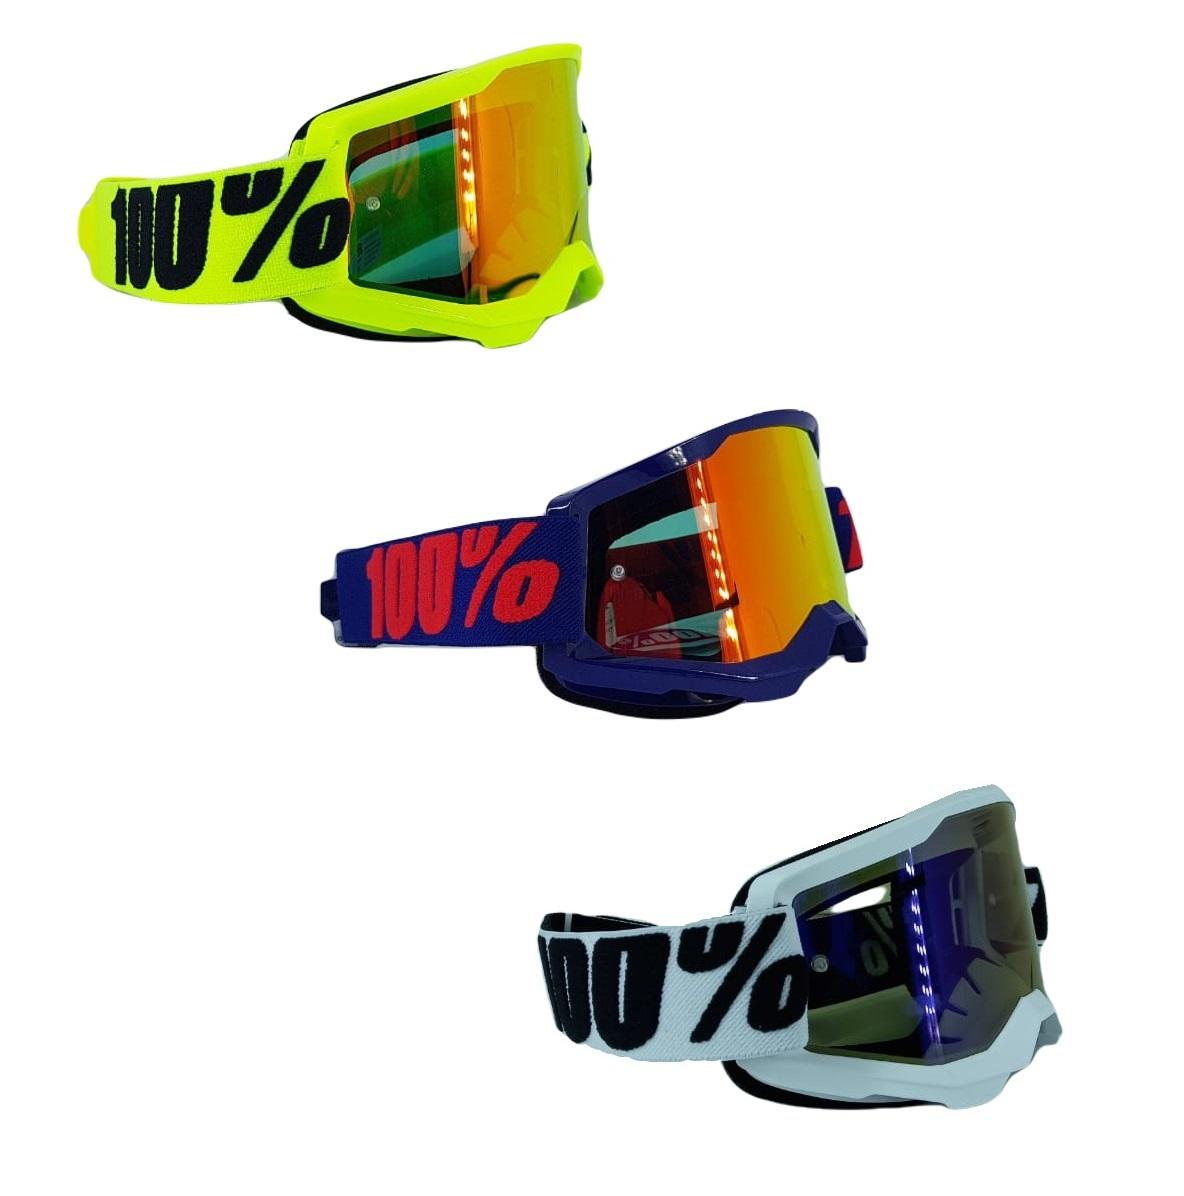 Óculos Motocross Enduro Downhill 100% Strata 2 Goggle Espelhado